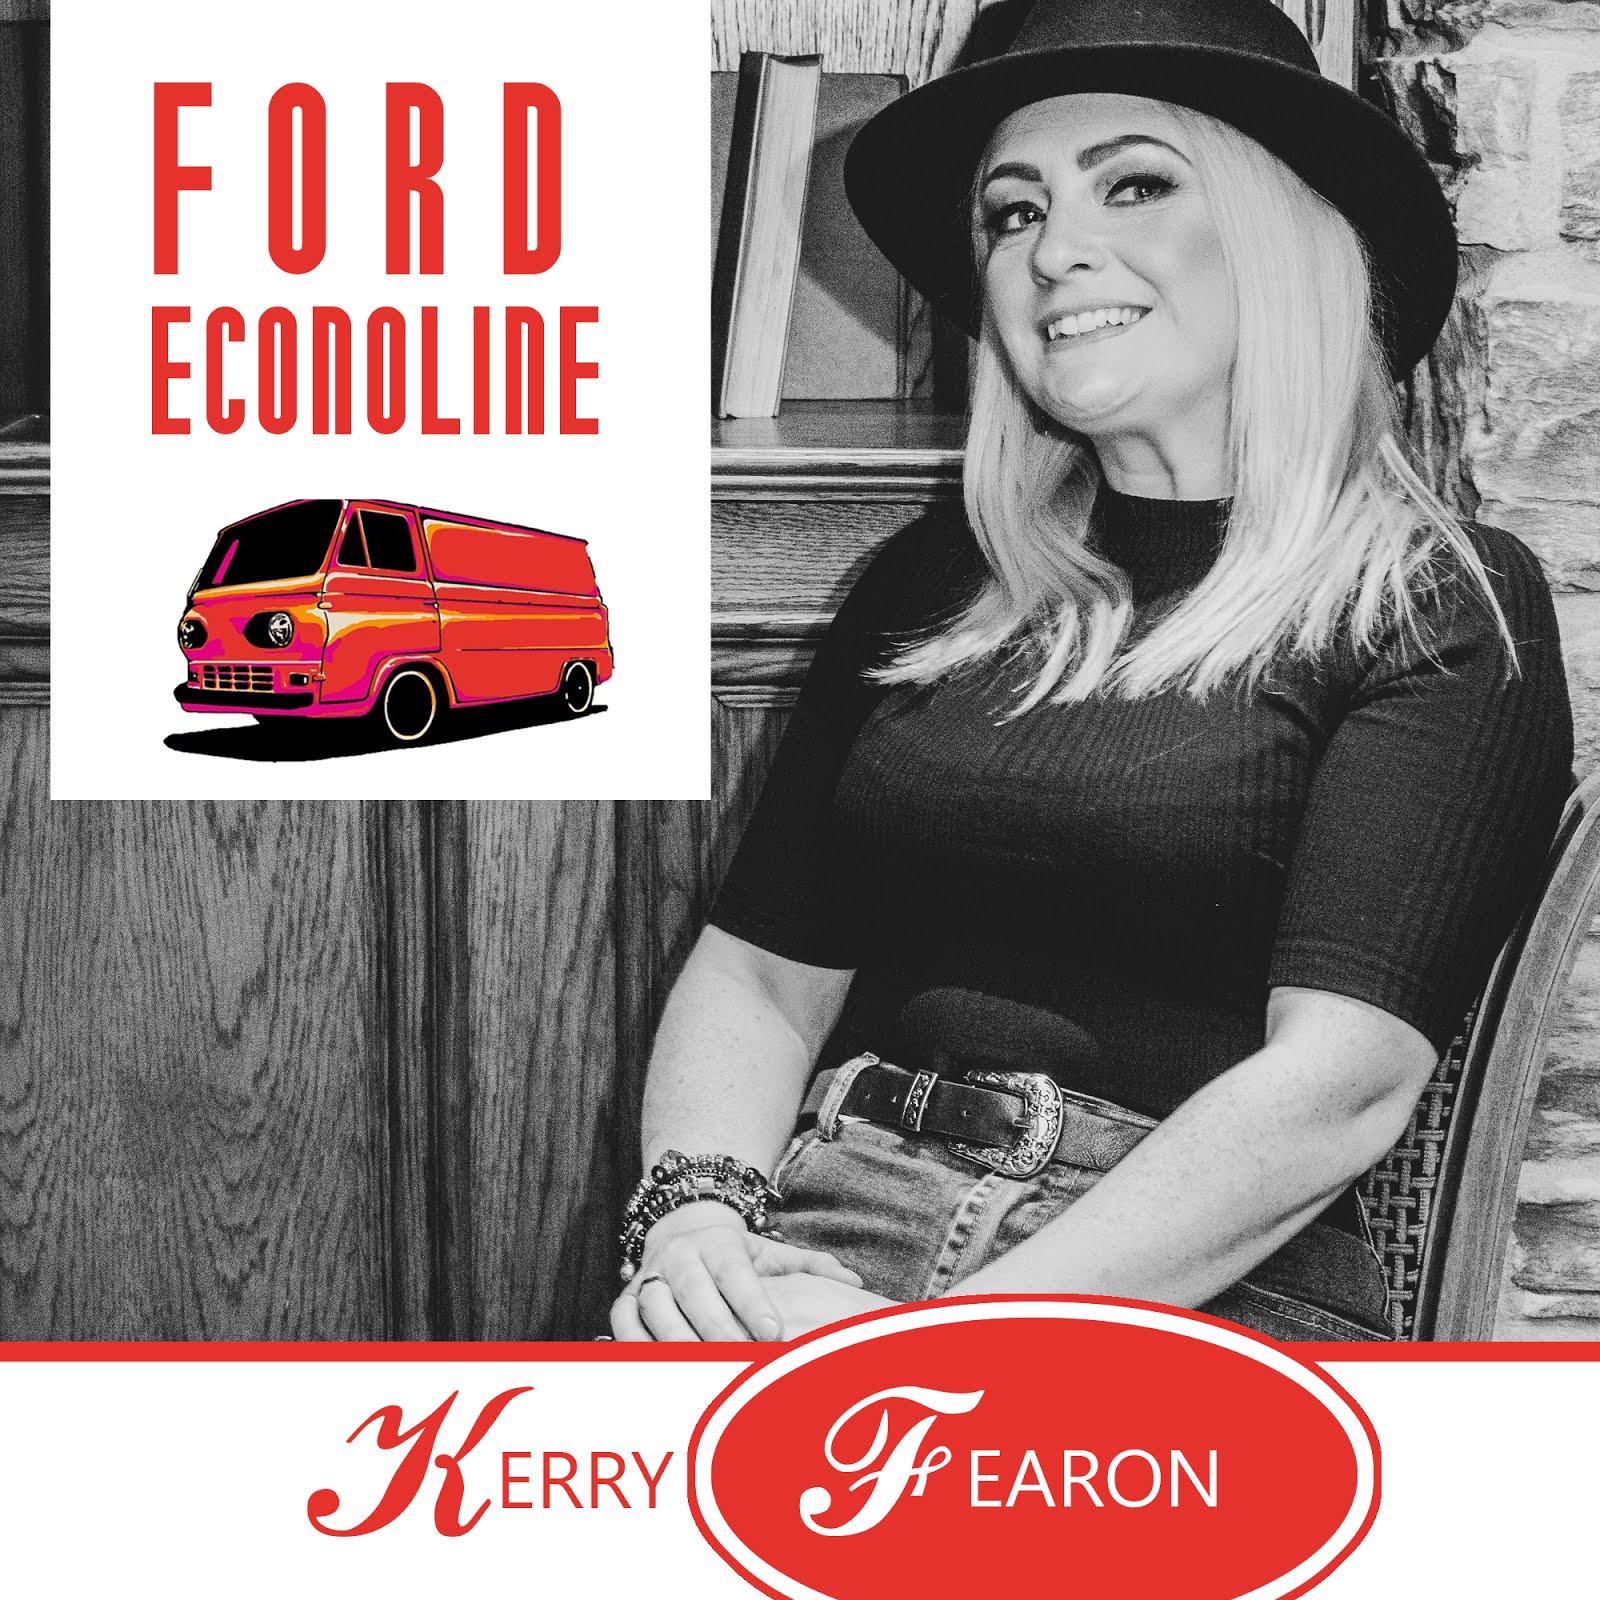 Kerry Fearon